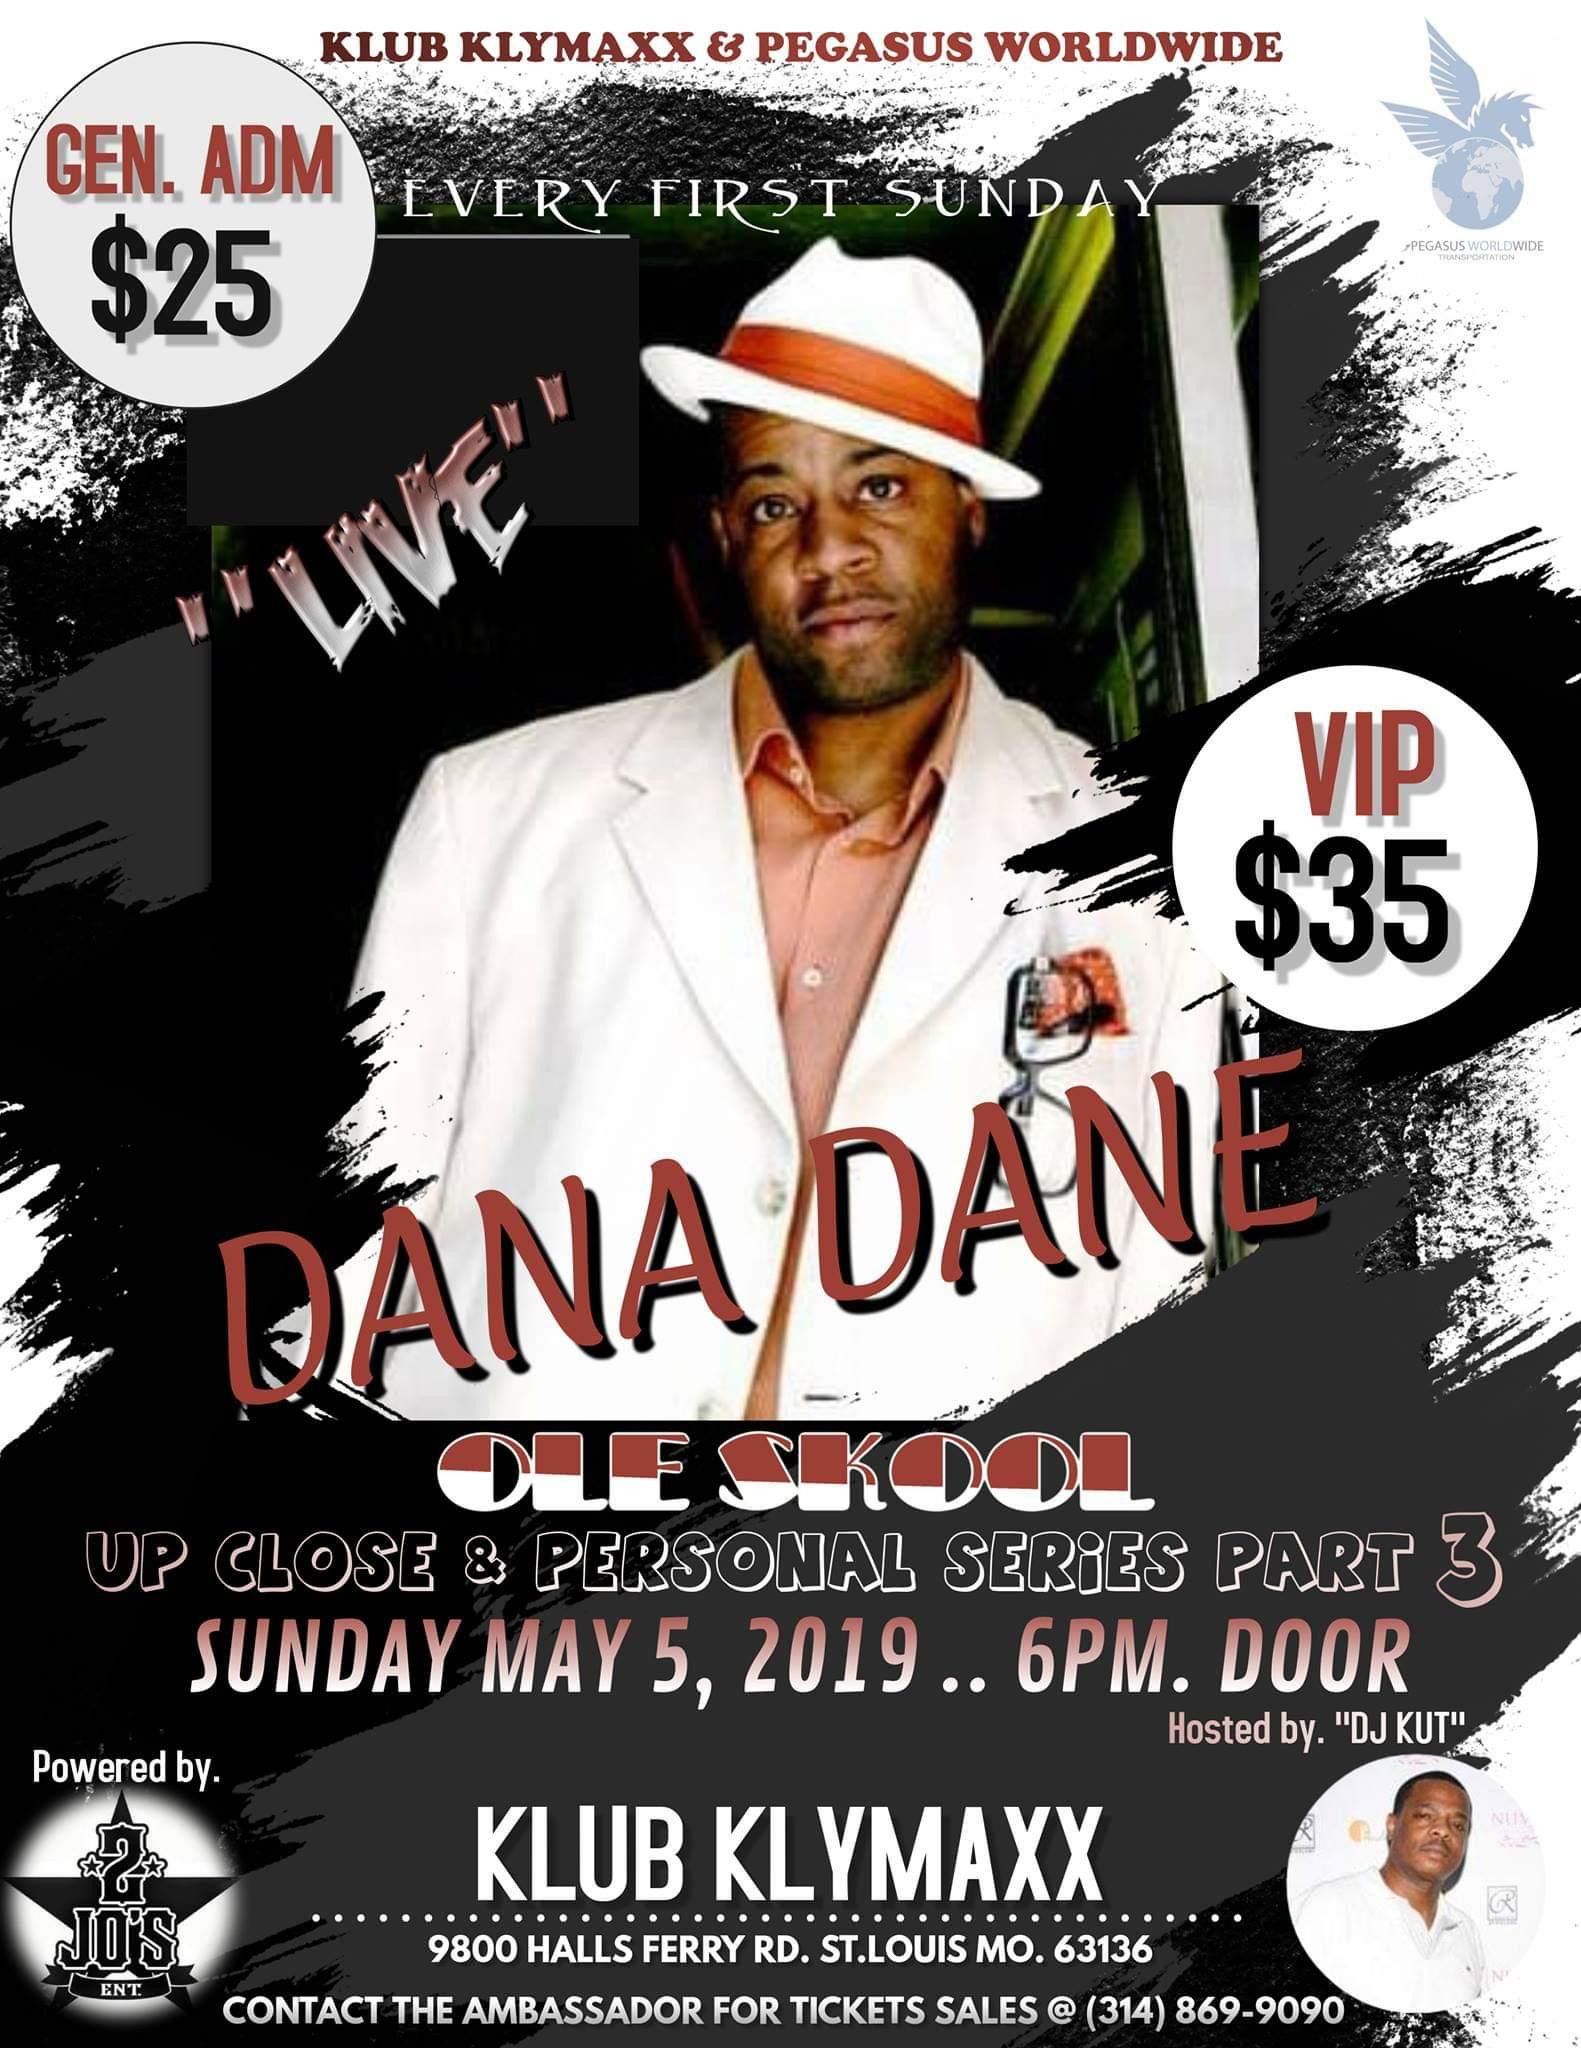 Dana Dane LIVE